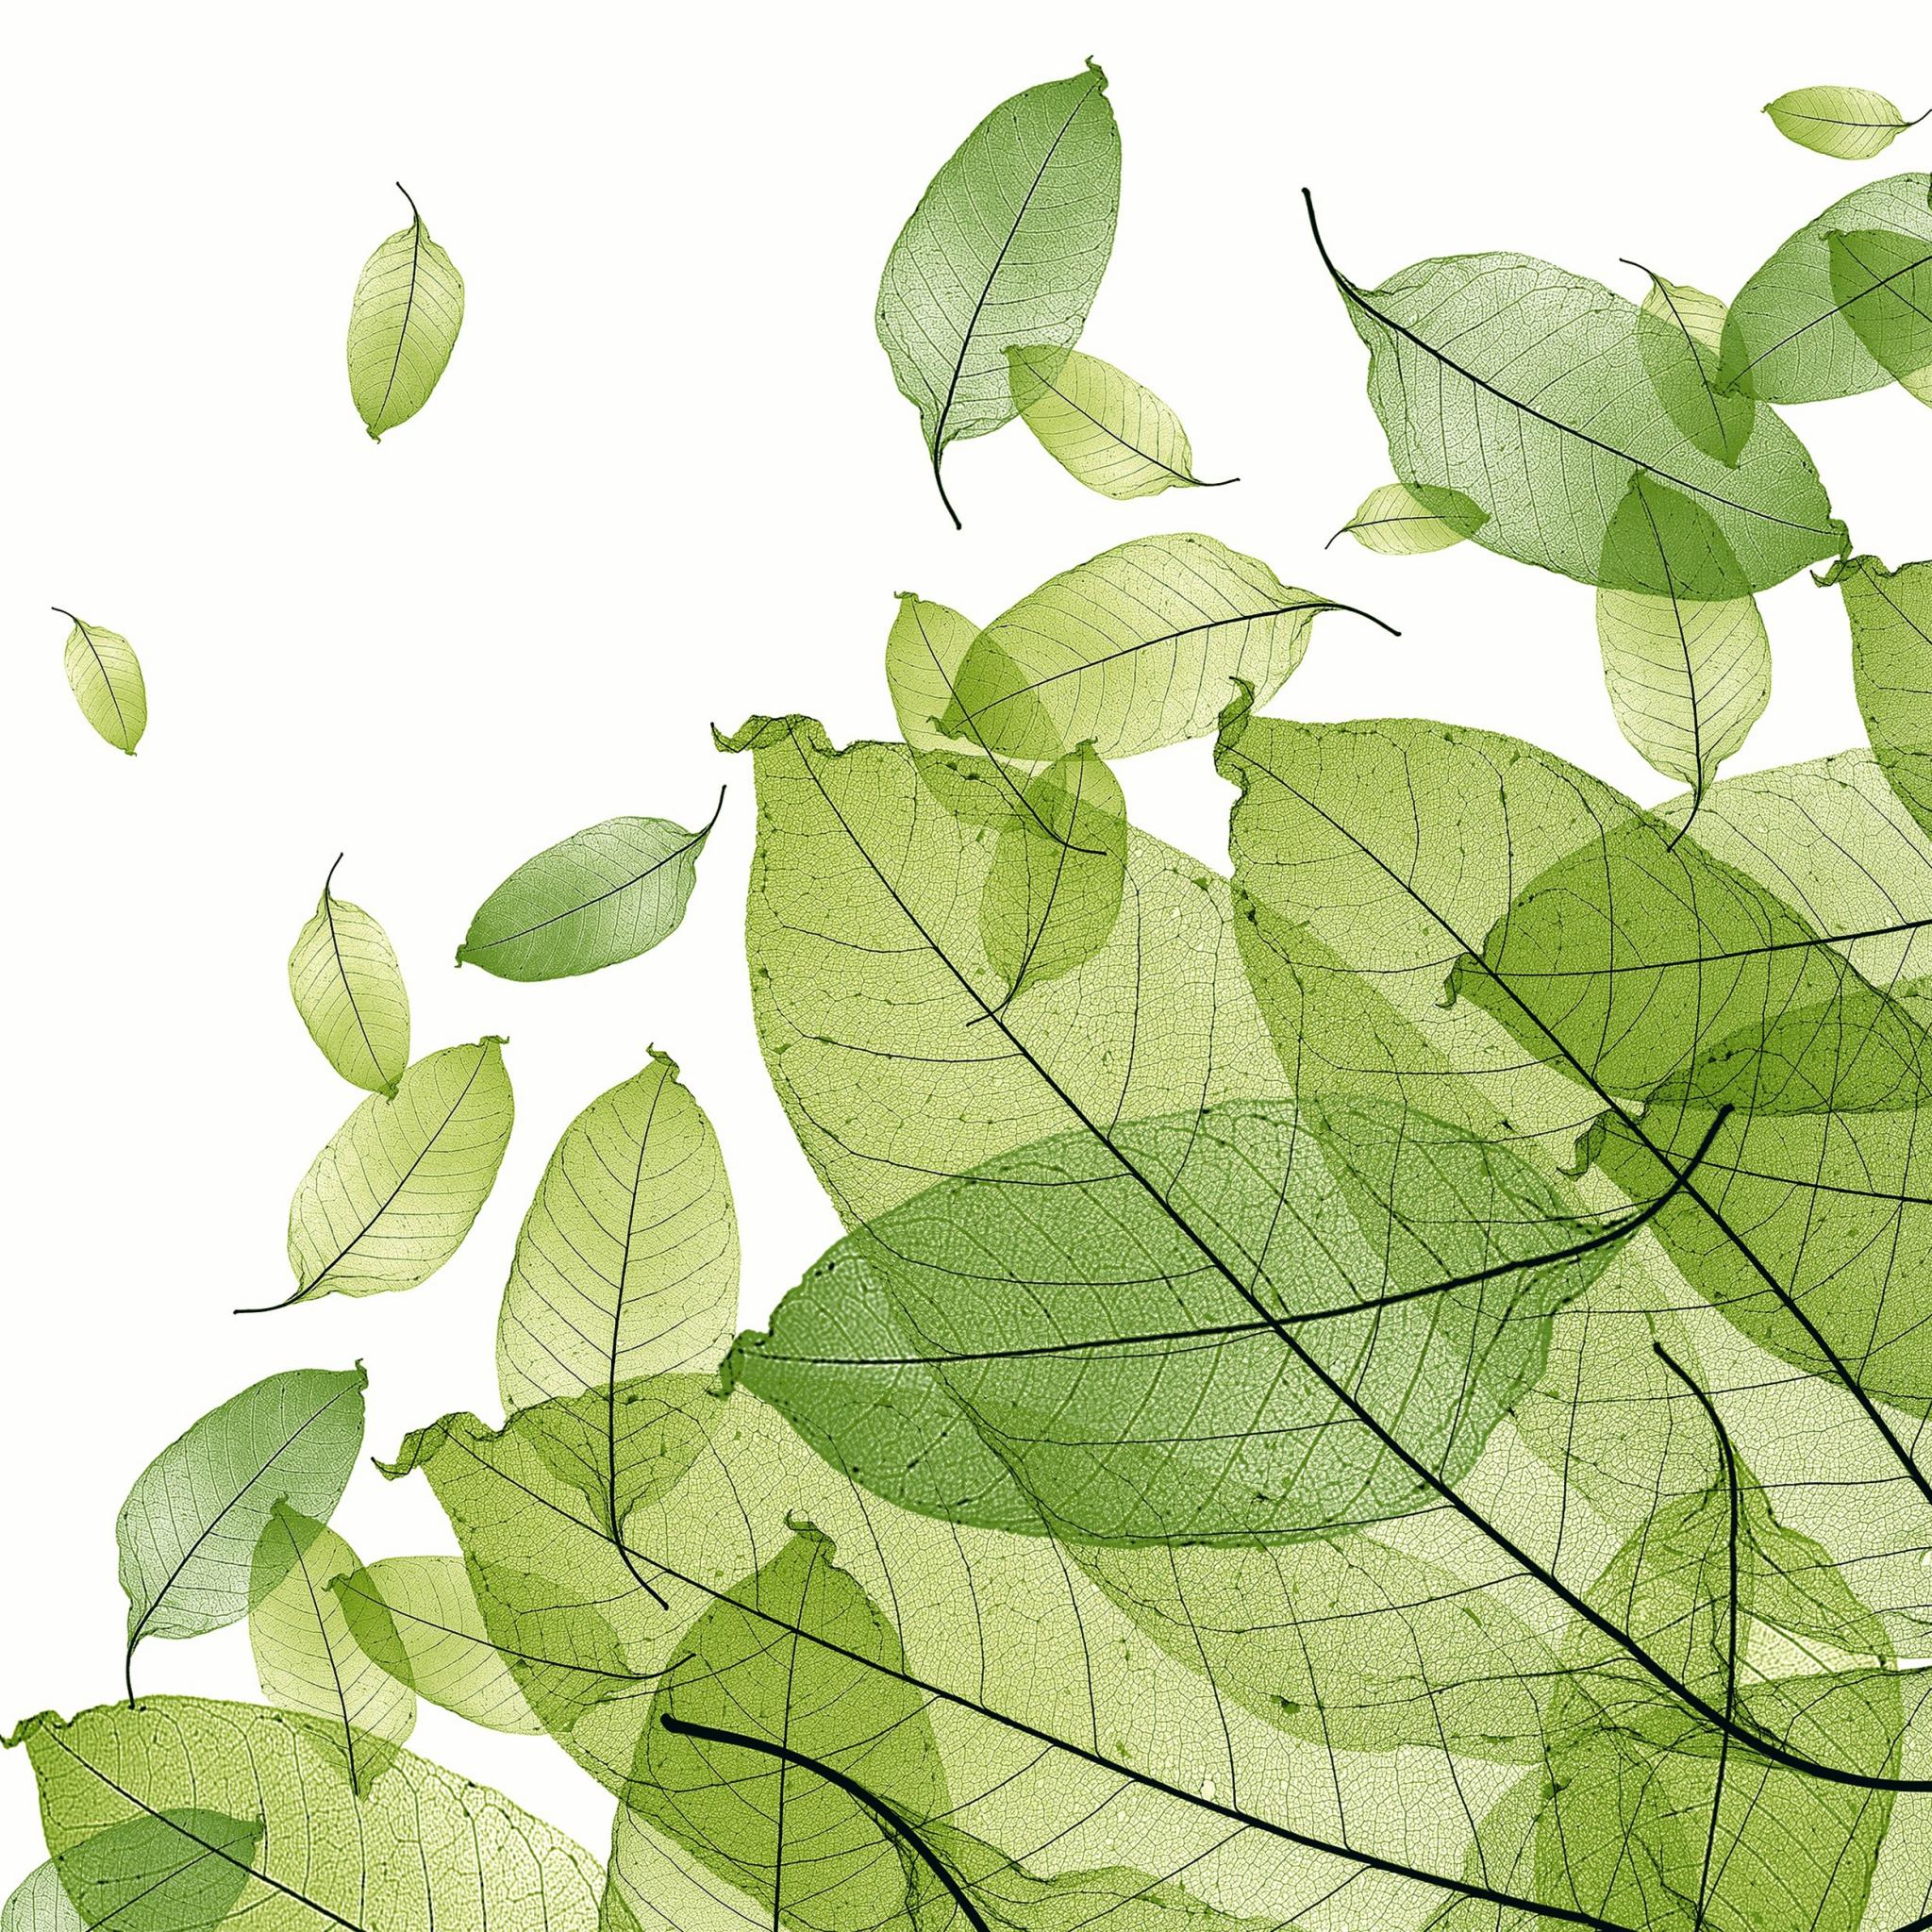 Servietten Herbst,  Herbst - Blätter / Laub,  Everyday,  lunchservietten,  Laub,  Laubblätter